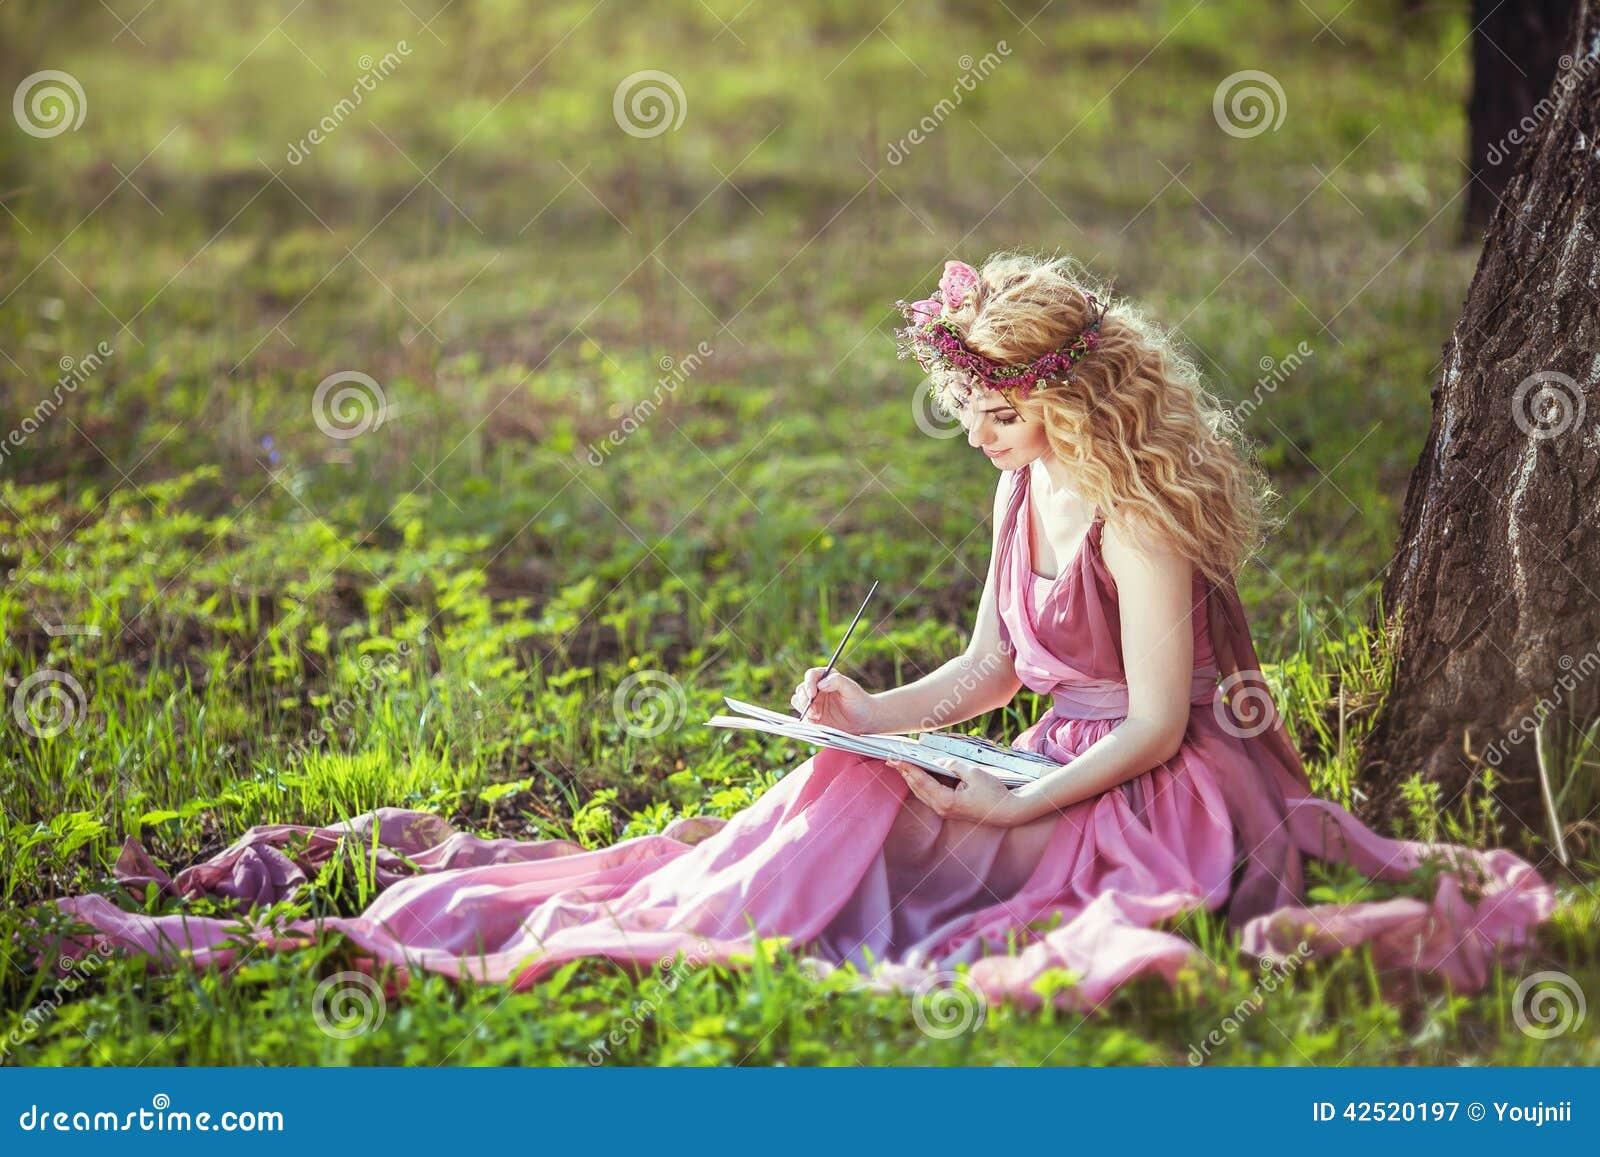 Dehors elle se touche tranquillement sous un arbre - Blog